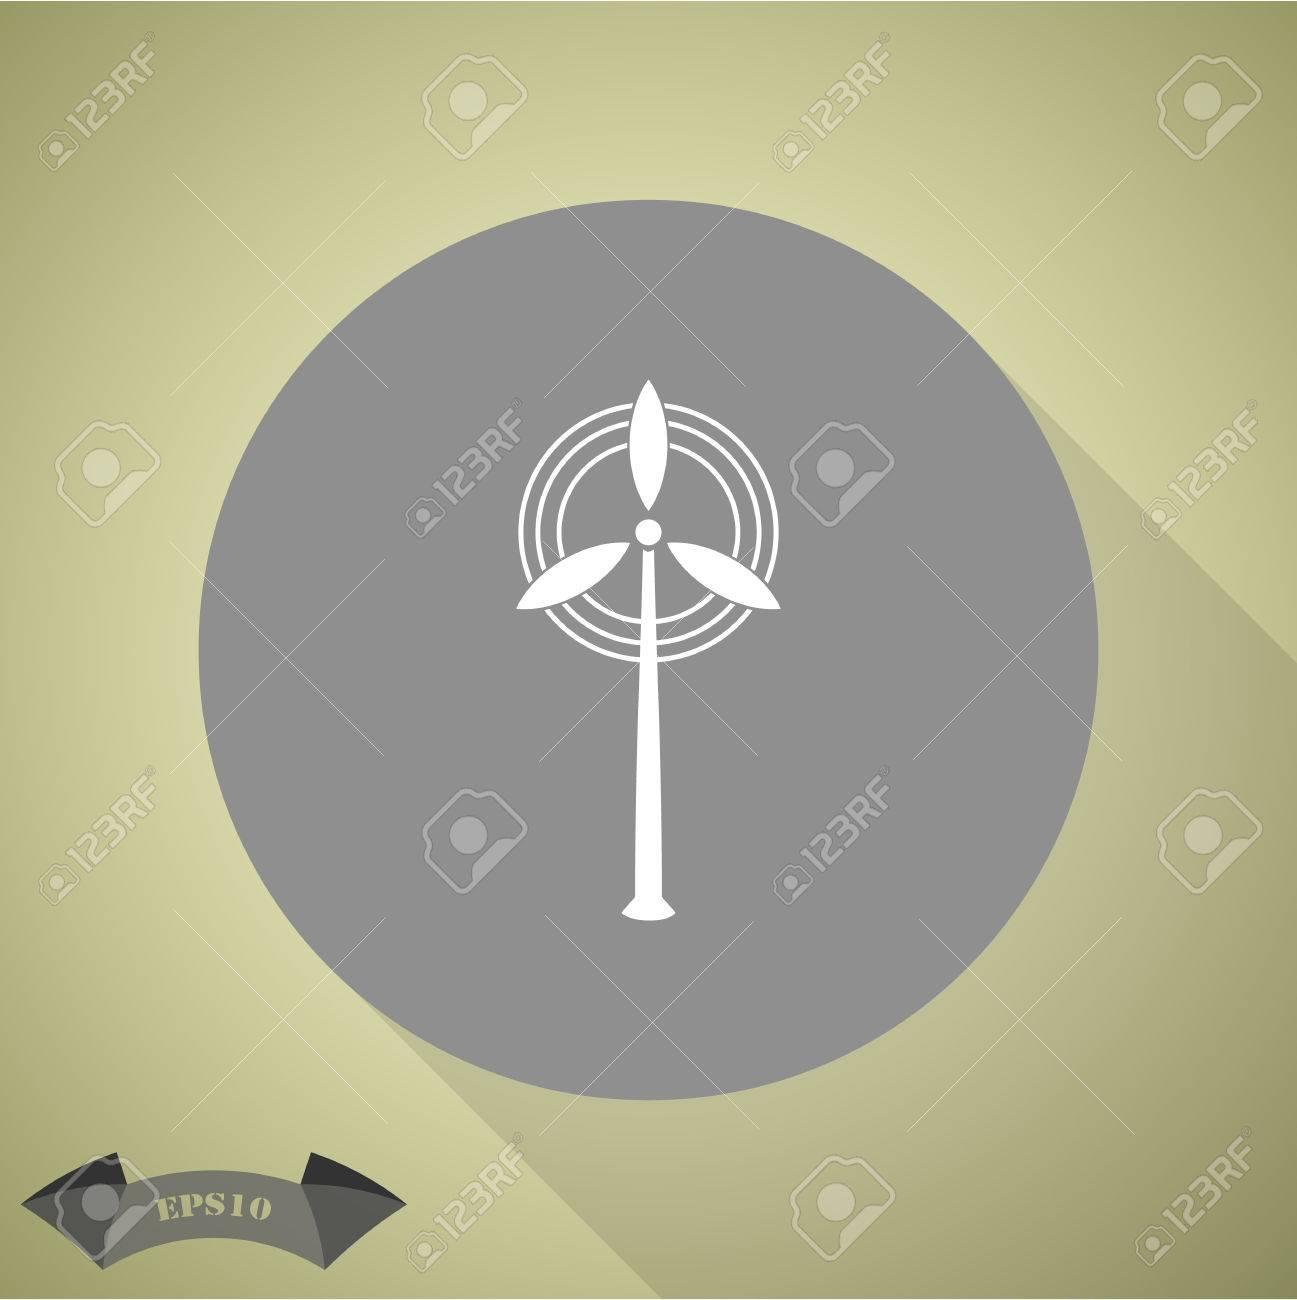 Großzügig Elektrisches Symbol Für Generator Galerie - Elektrische ...